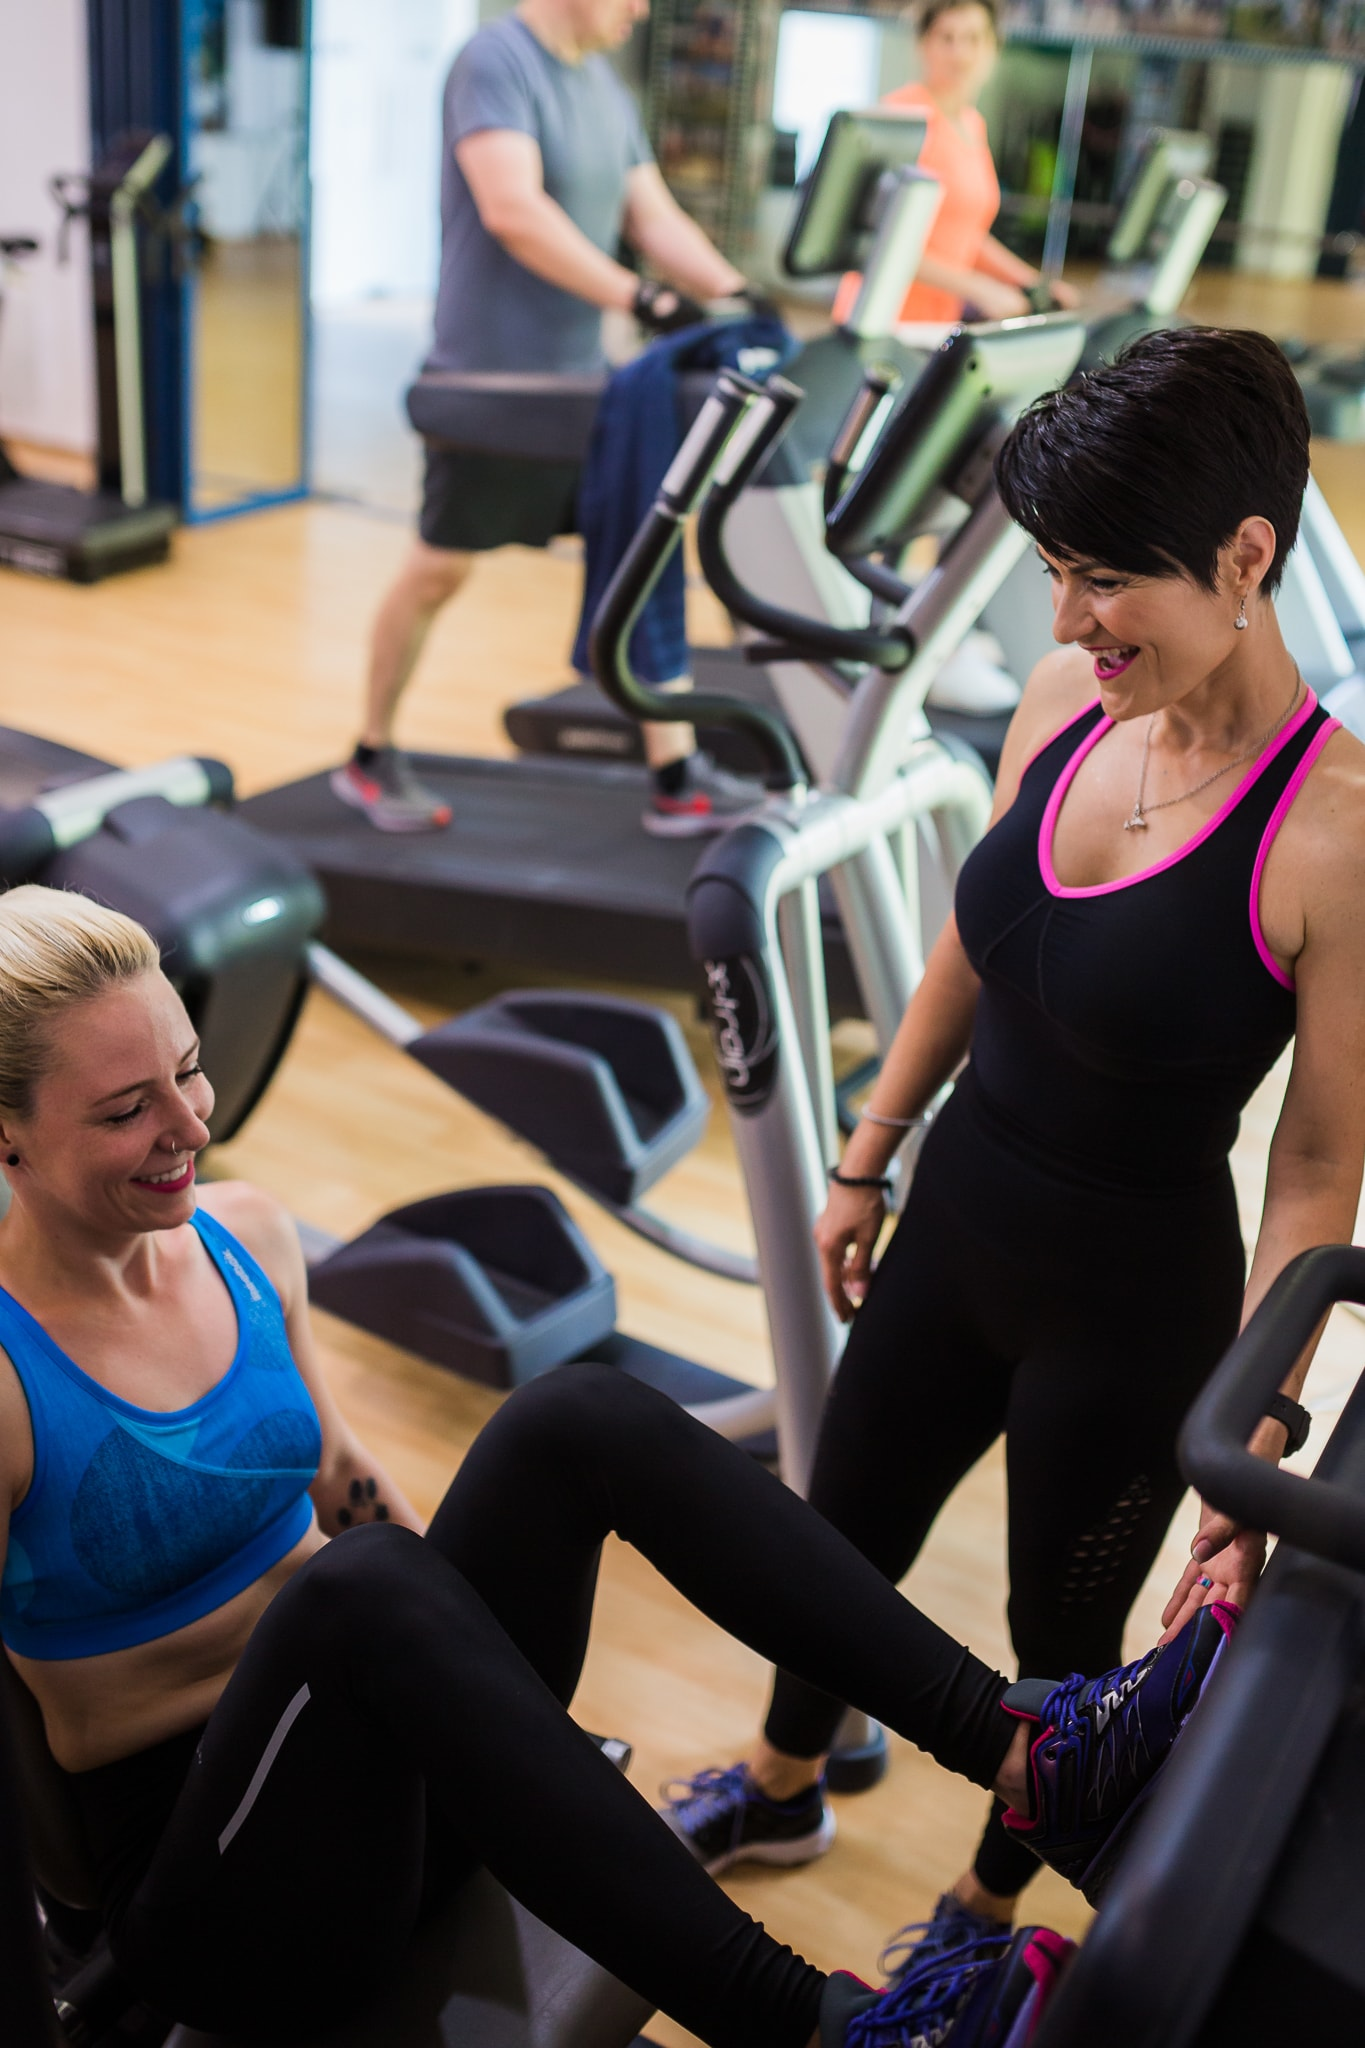 Antrenament fitness pentru femei